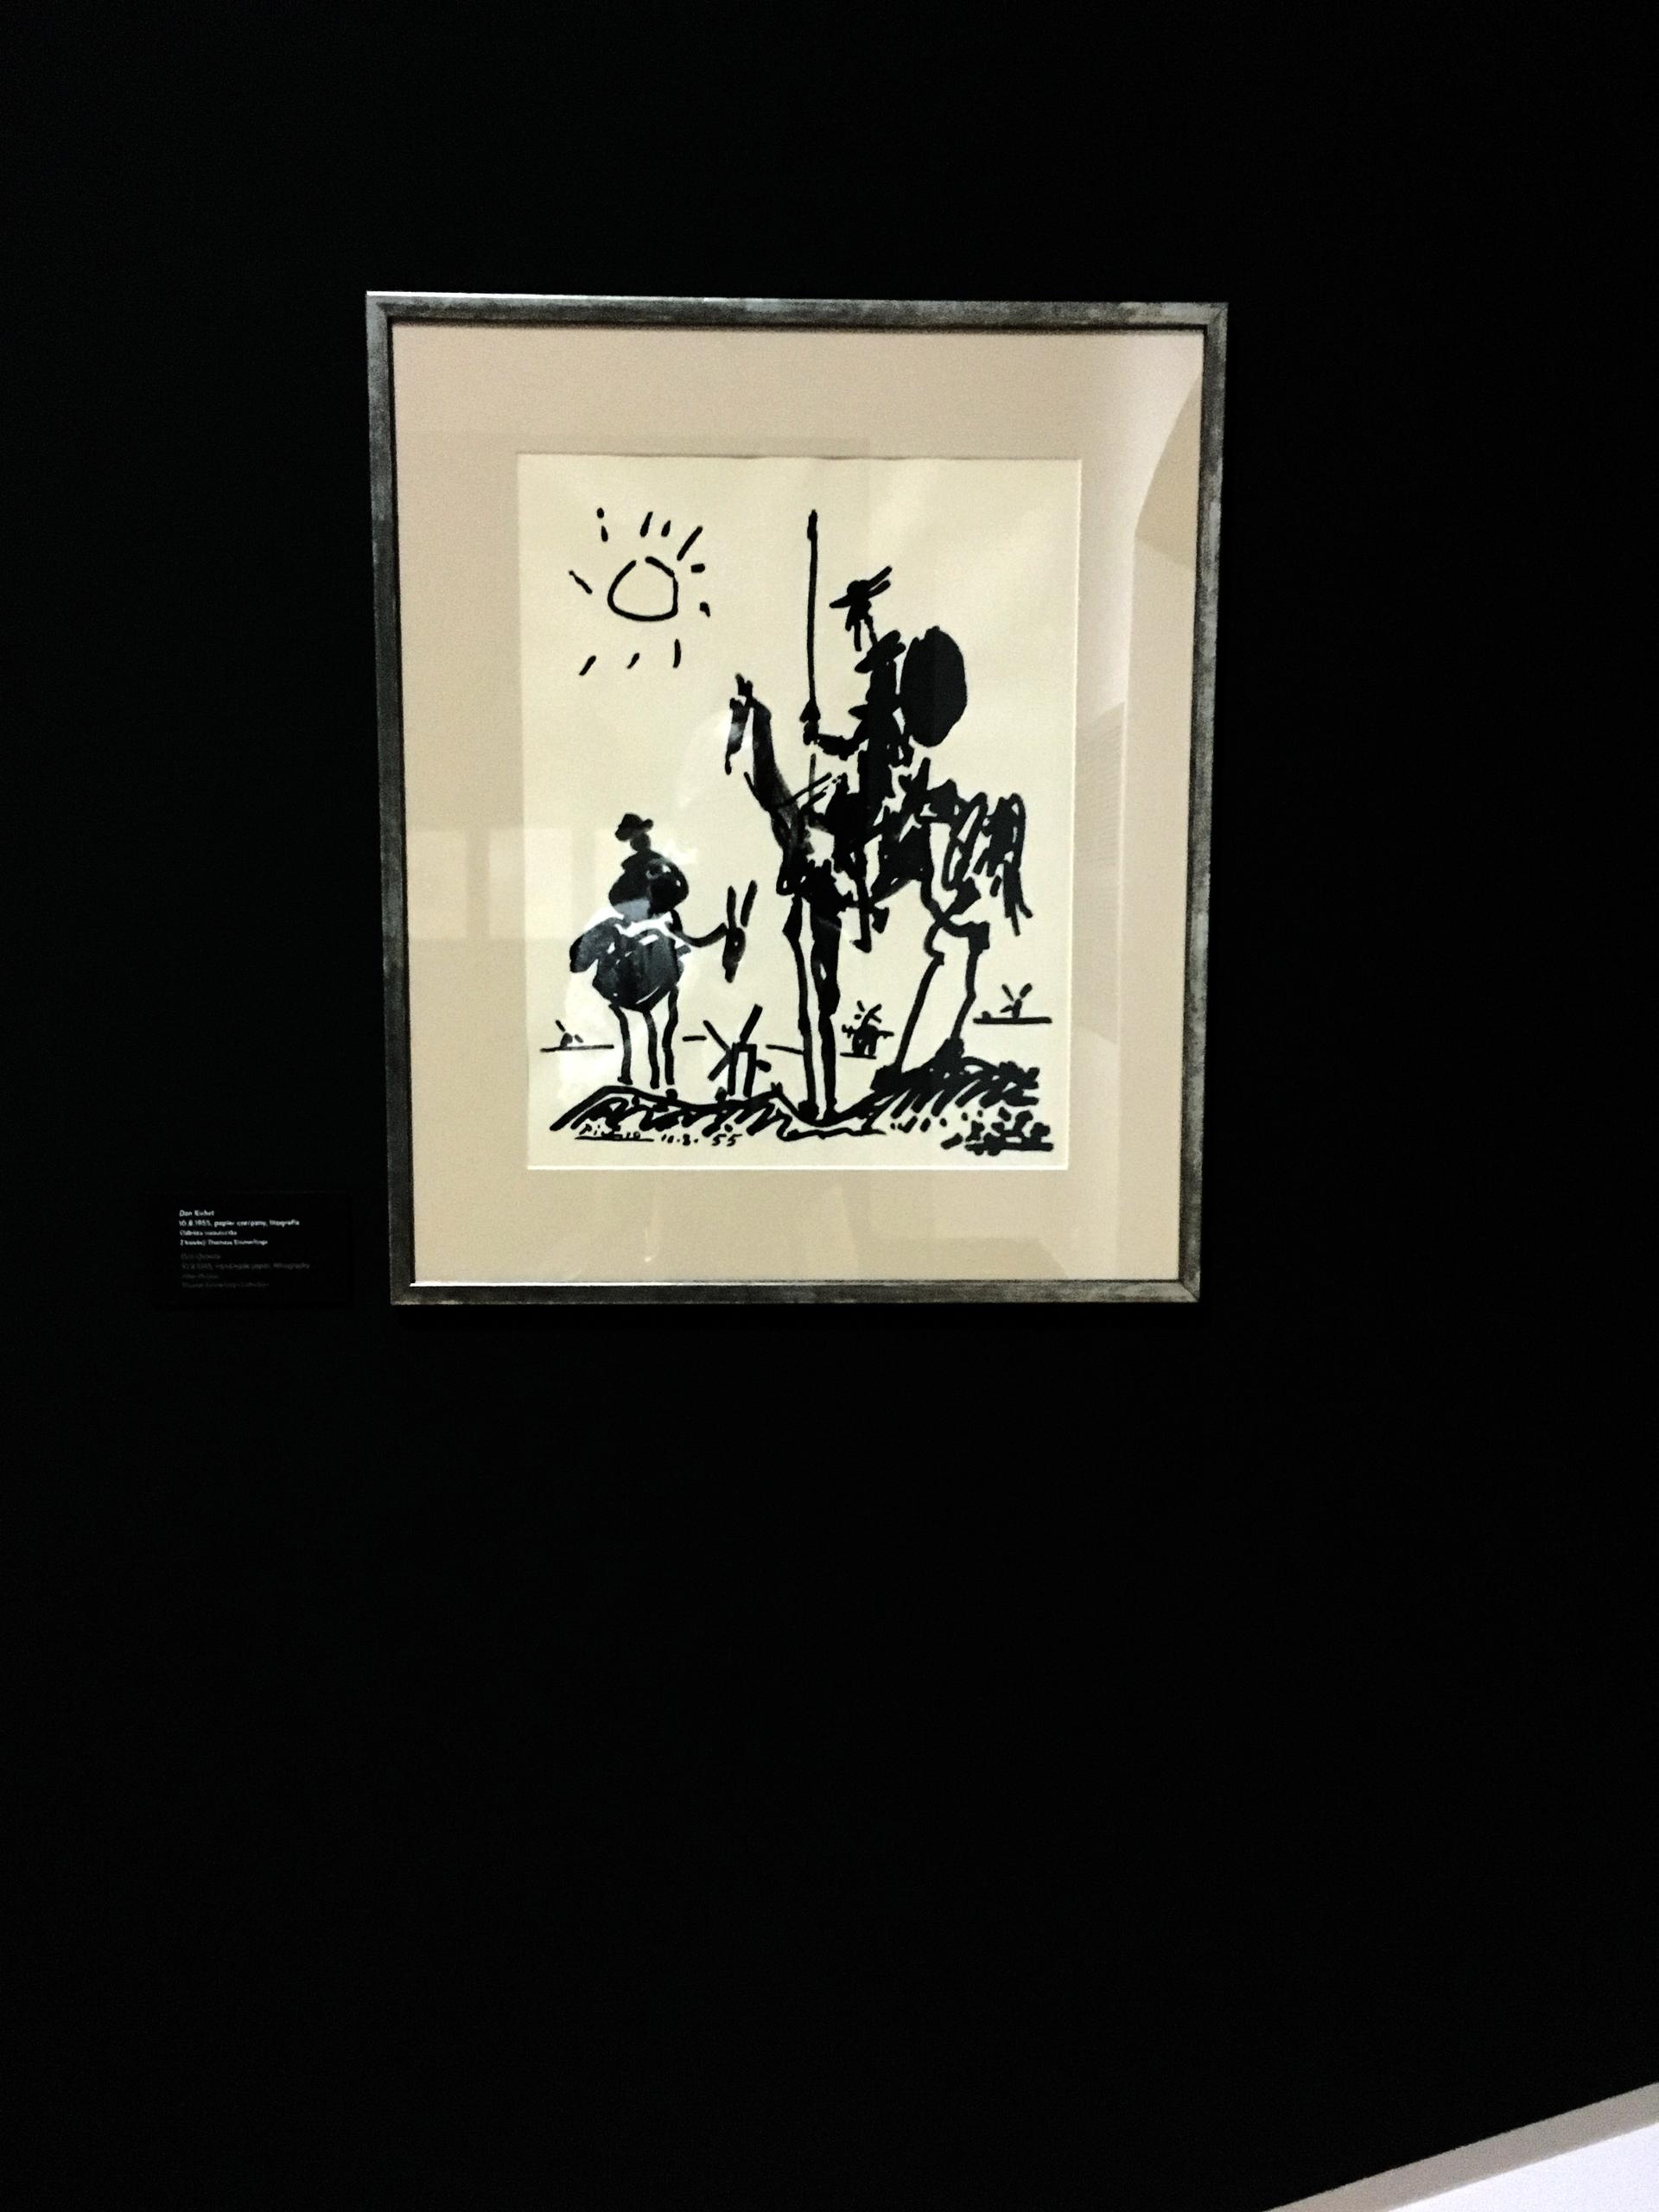 Zdjęcie przedstawia pracę znanego artysty Pabla Picassa zawieszoną na czarnej ścianie.